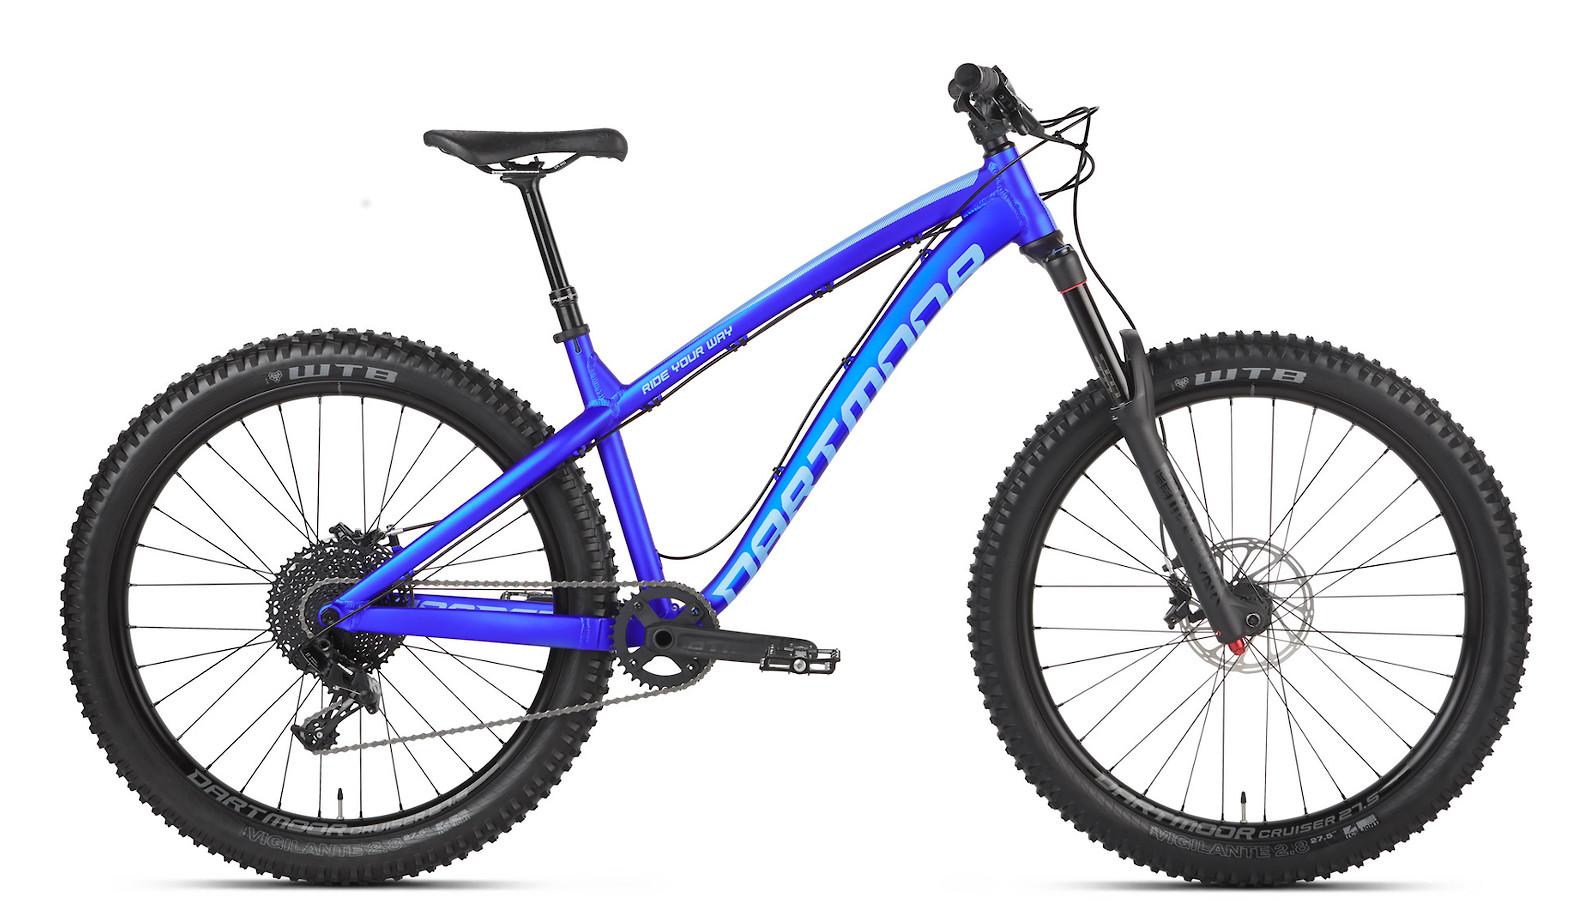 2019 Dartmoor Hornet Pro Bike